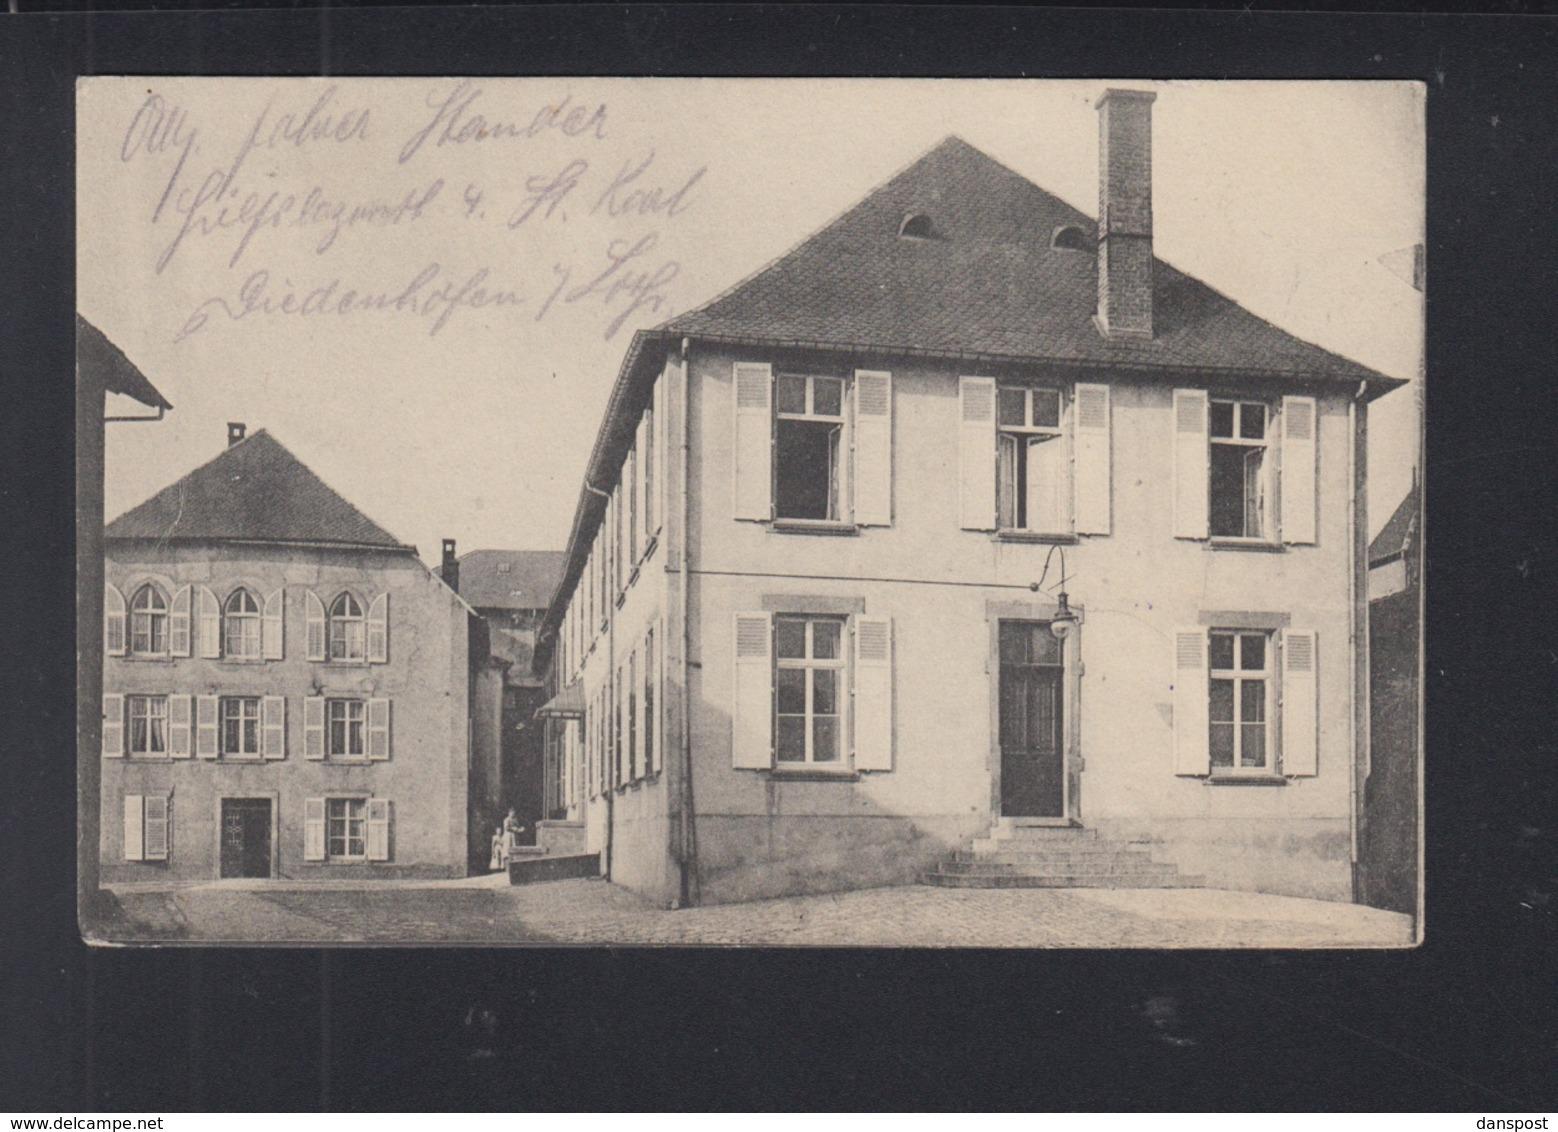 Carte Postale Diedenhofen - Thionville